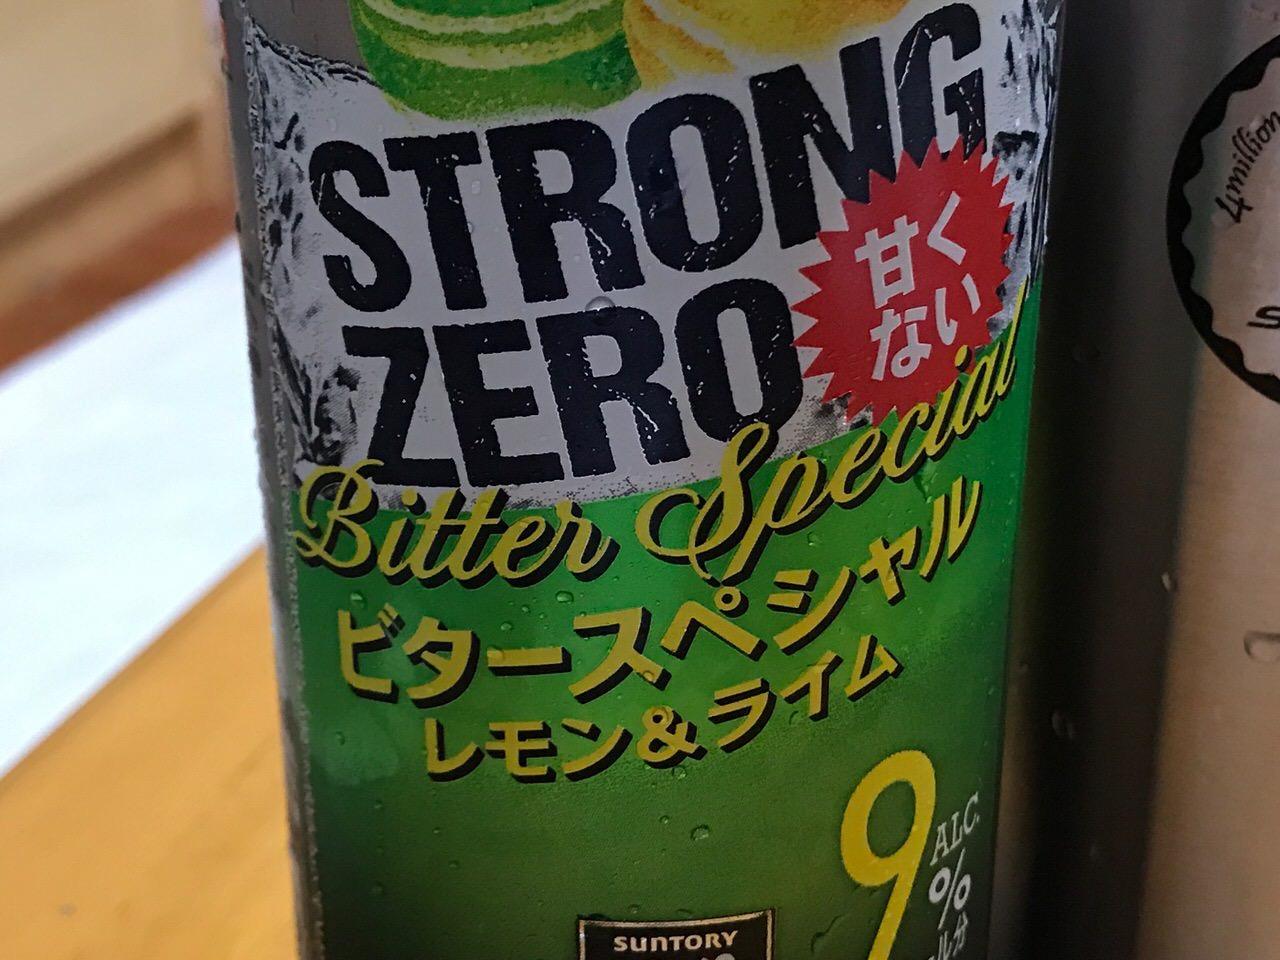 ストロングゼロ ビタースペシャル レモン&ライム 05